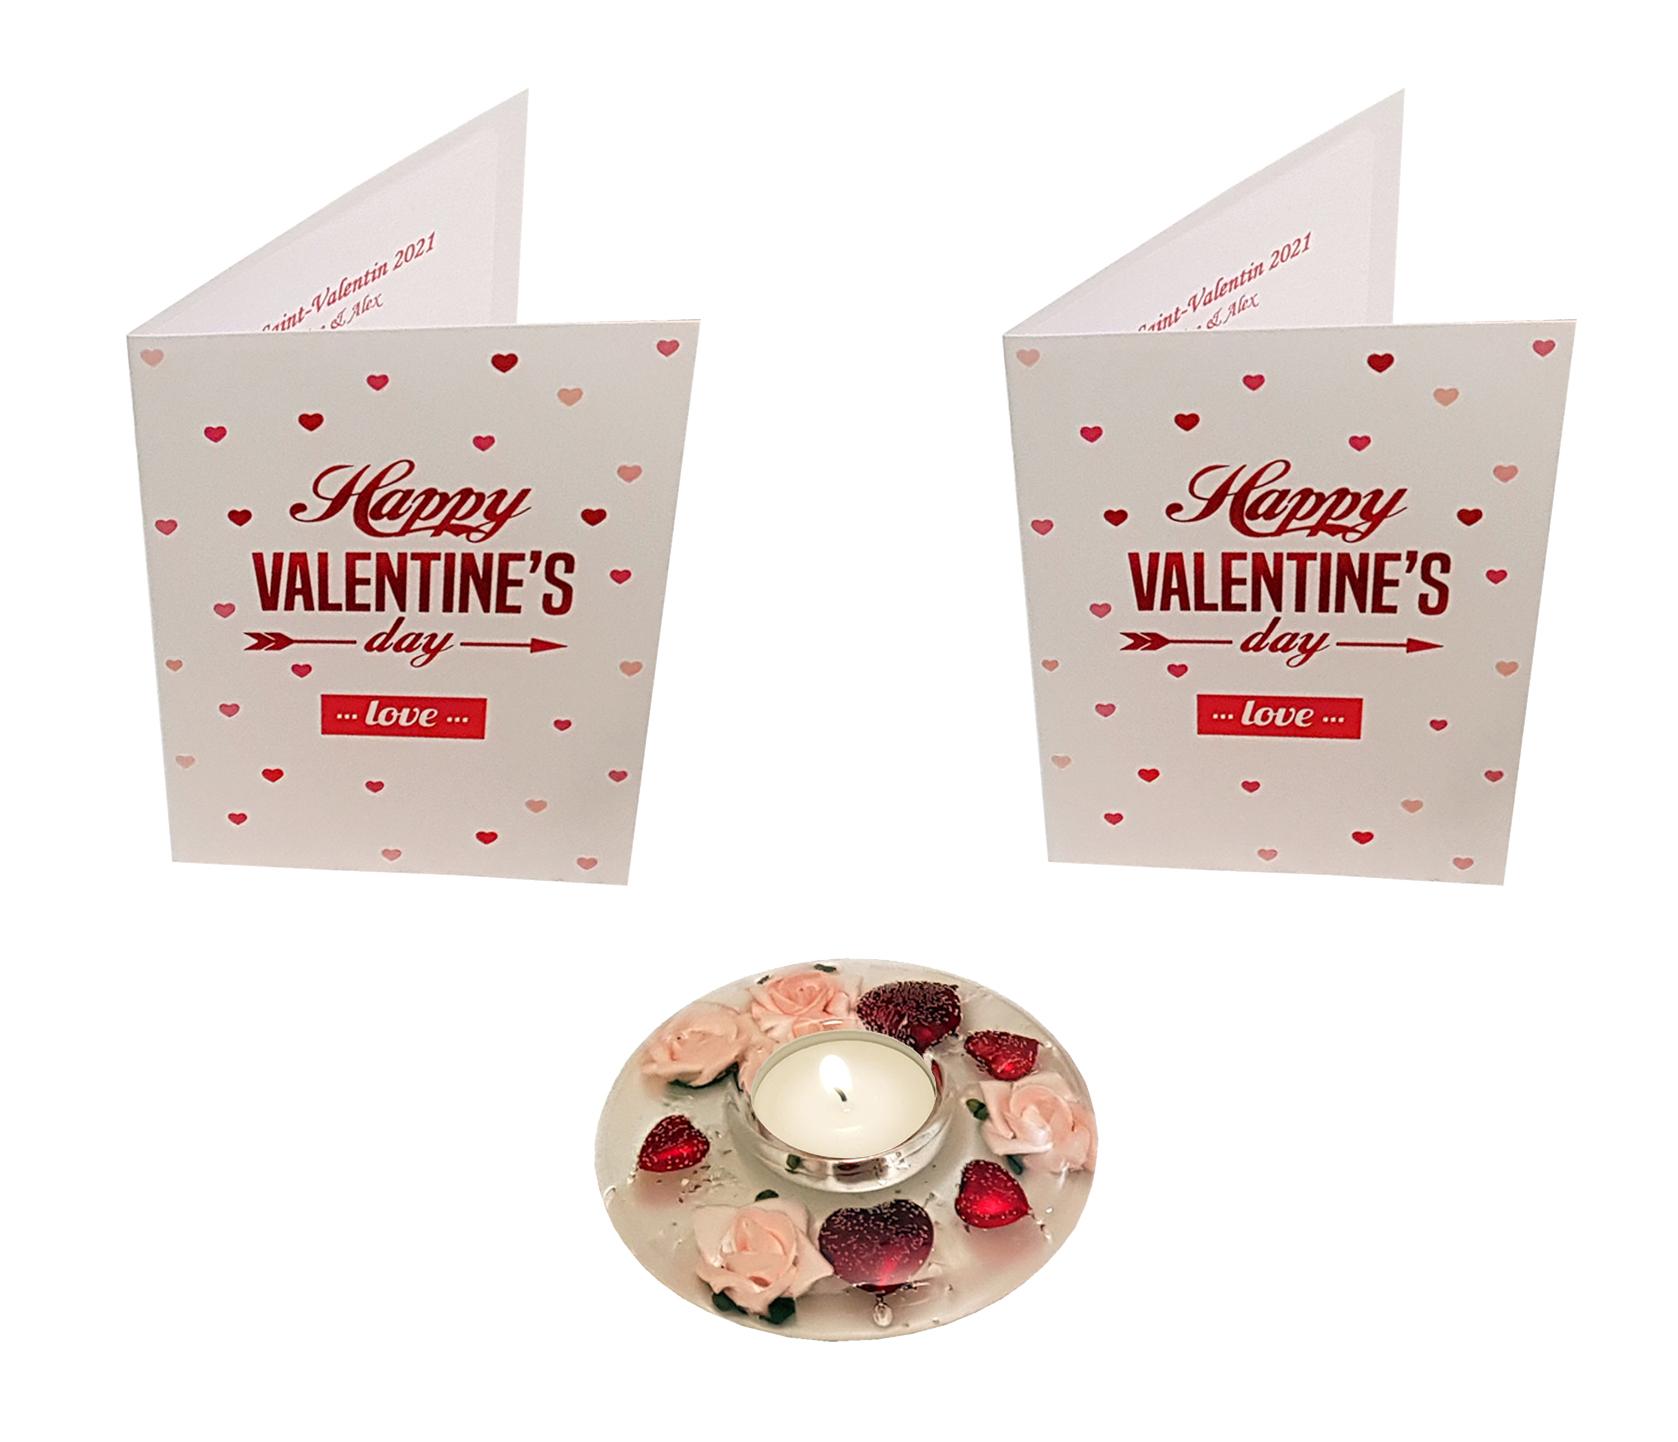 Offre Saint-Valentin : 2 cartes de menus à personnaliser + 1 bougeoir. Réf. 298